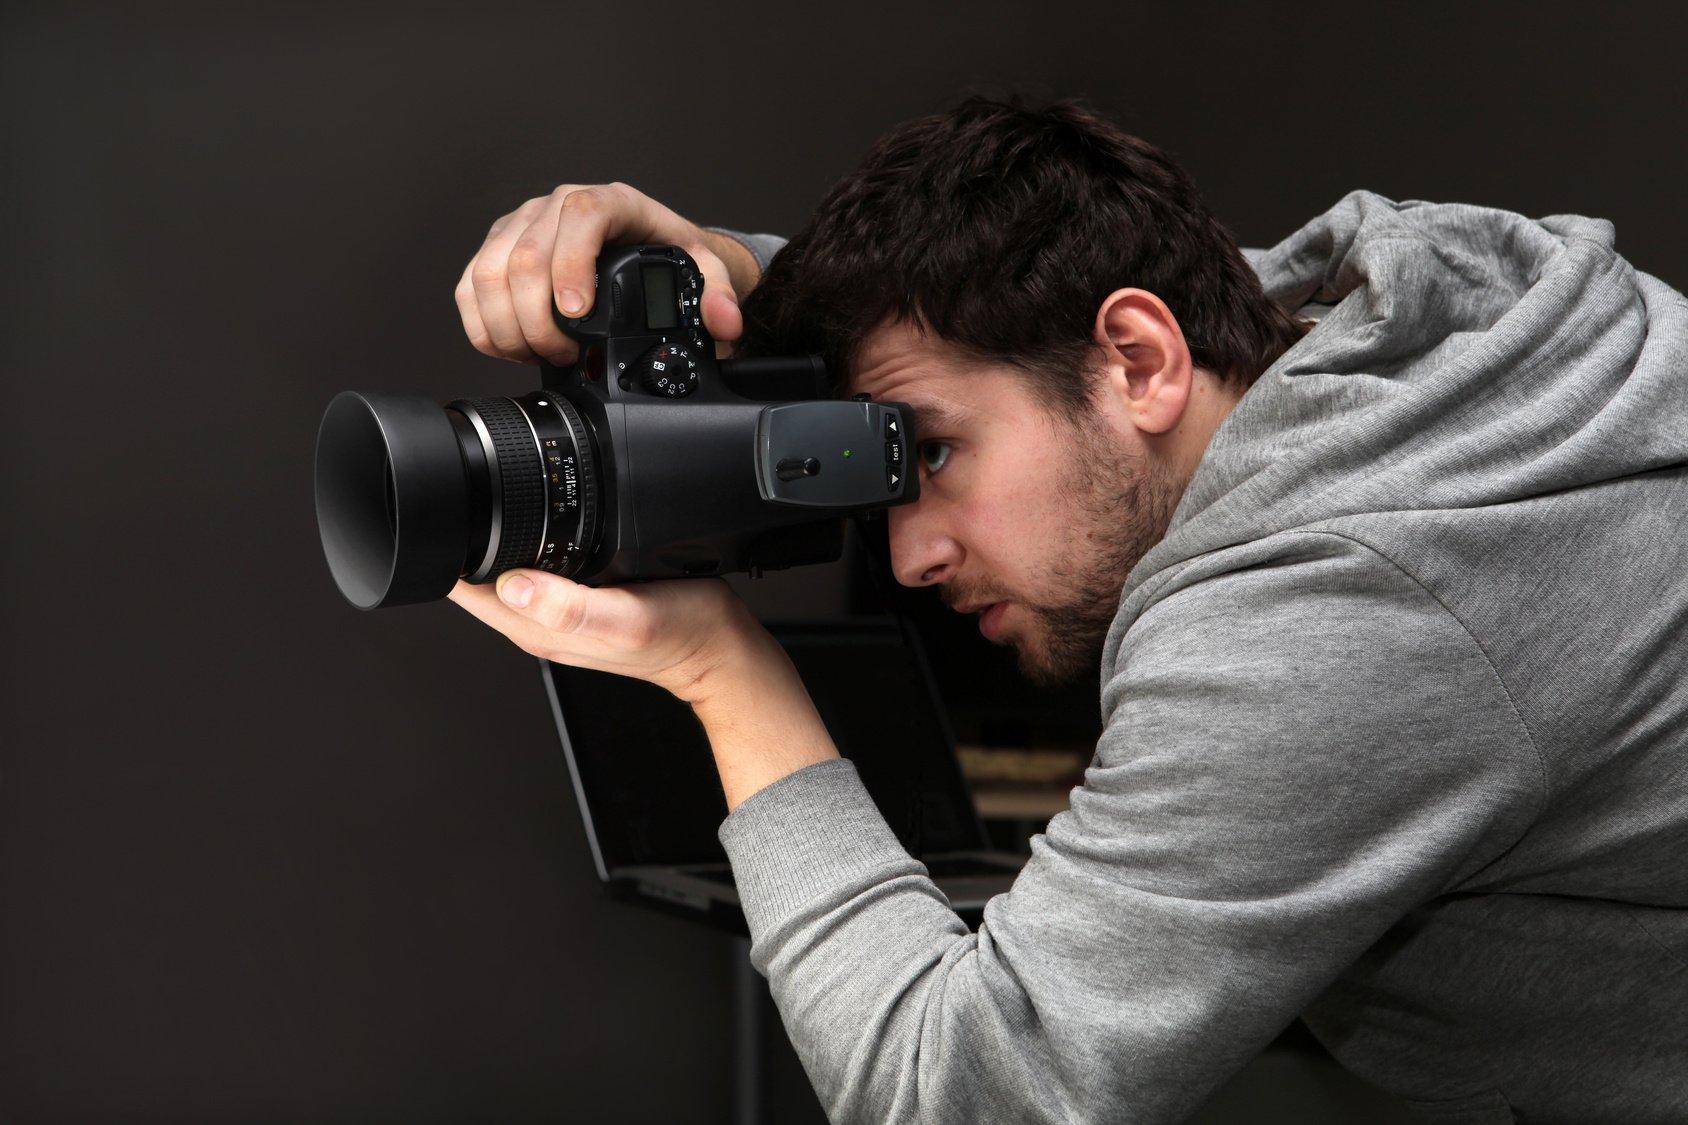 Начало работы фотографом требует